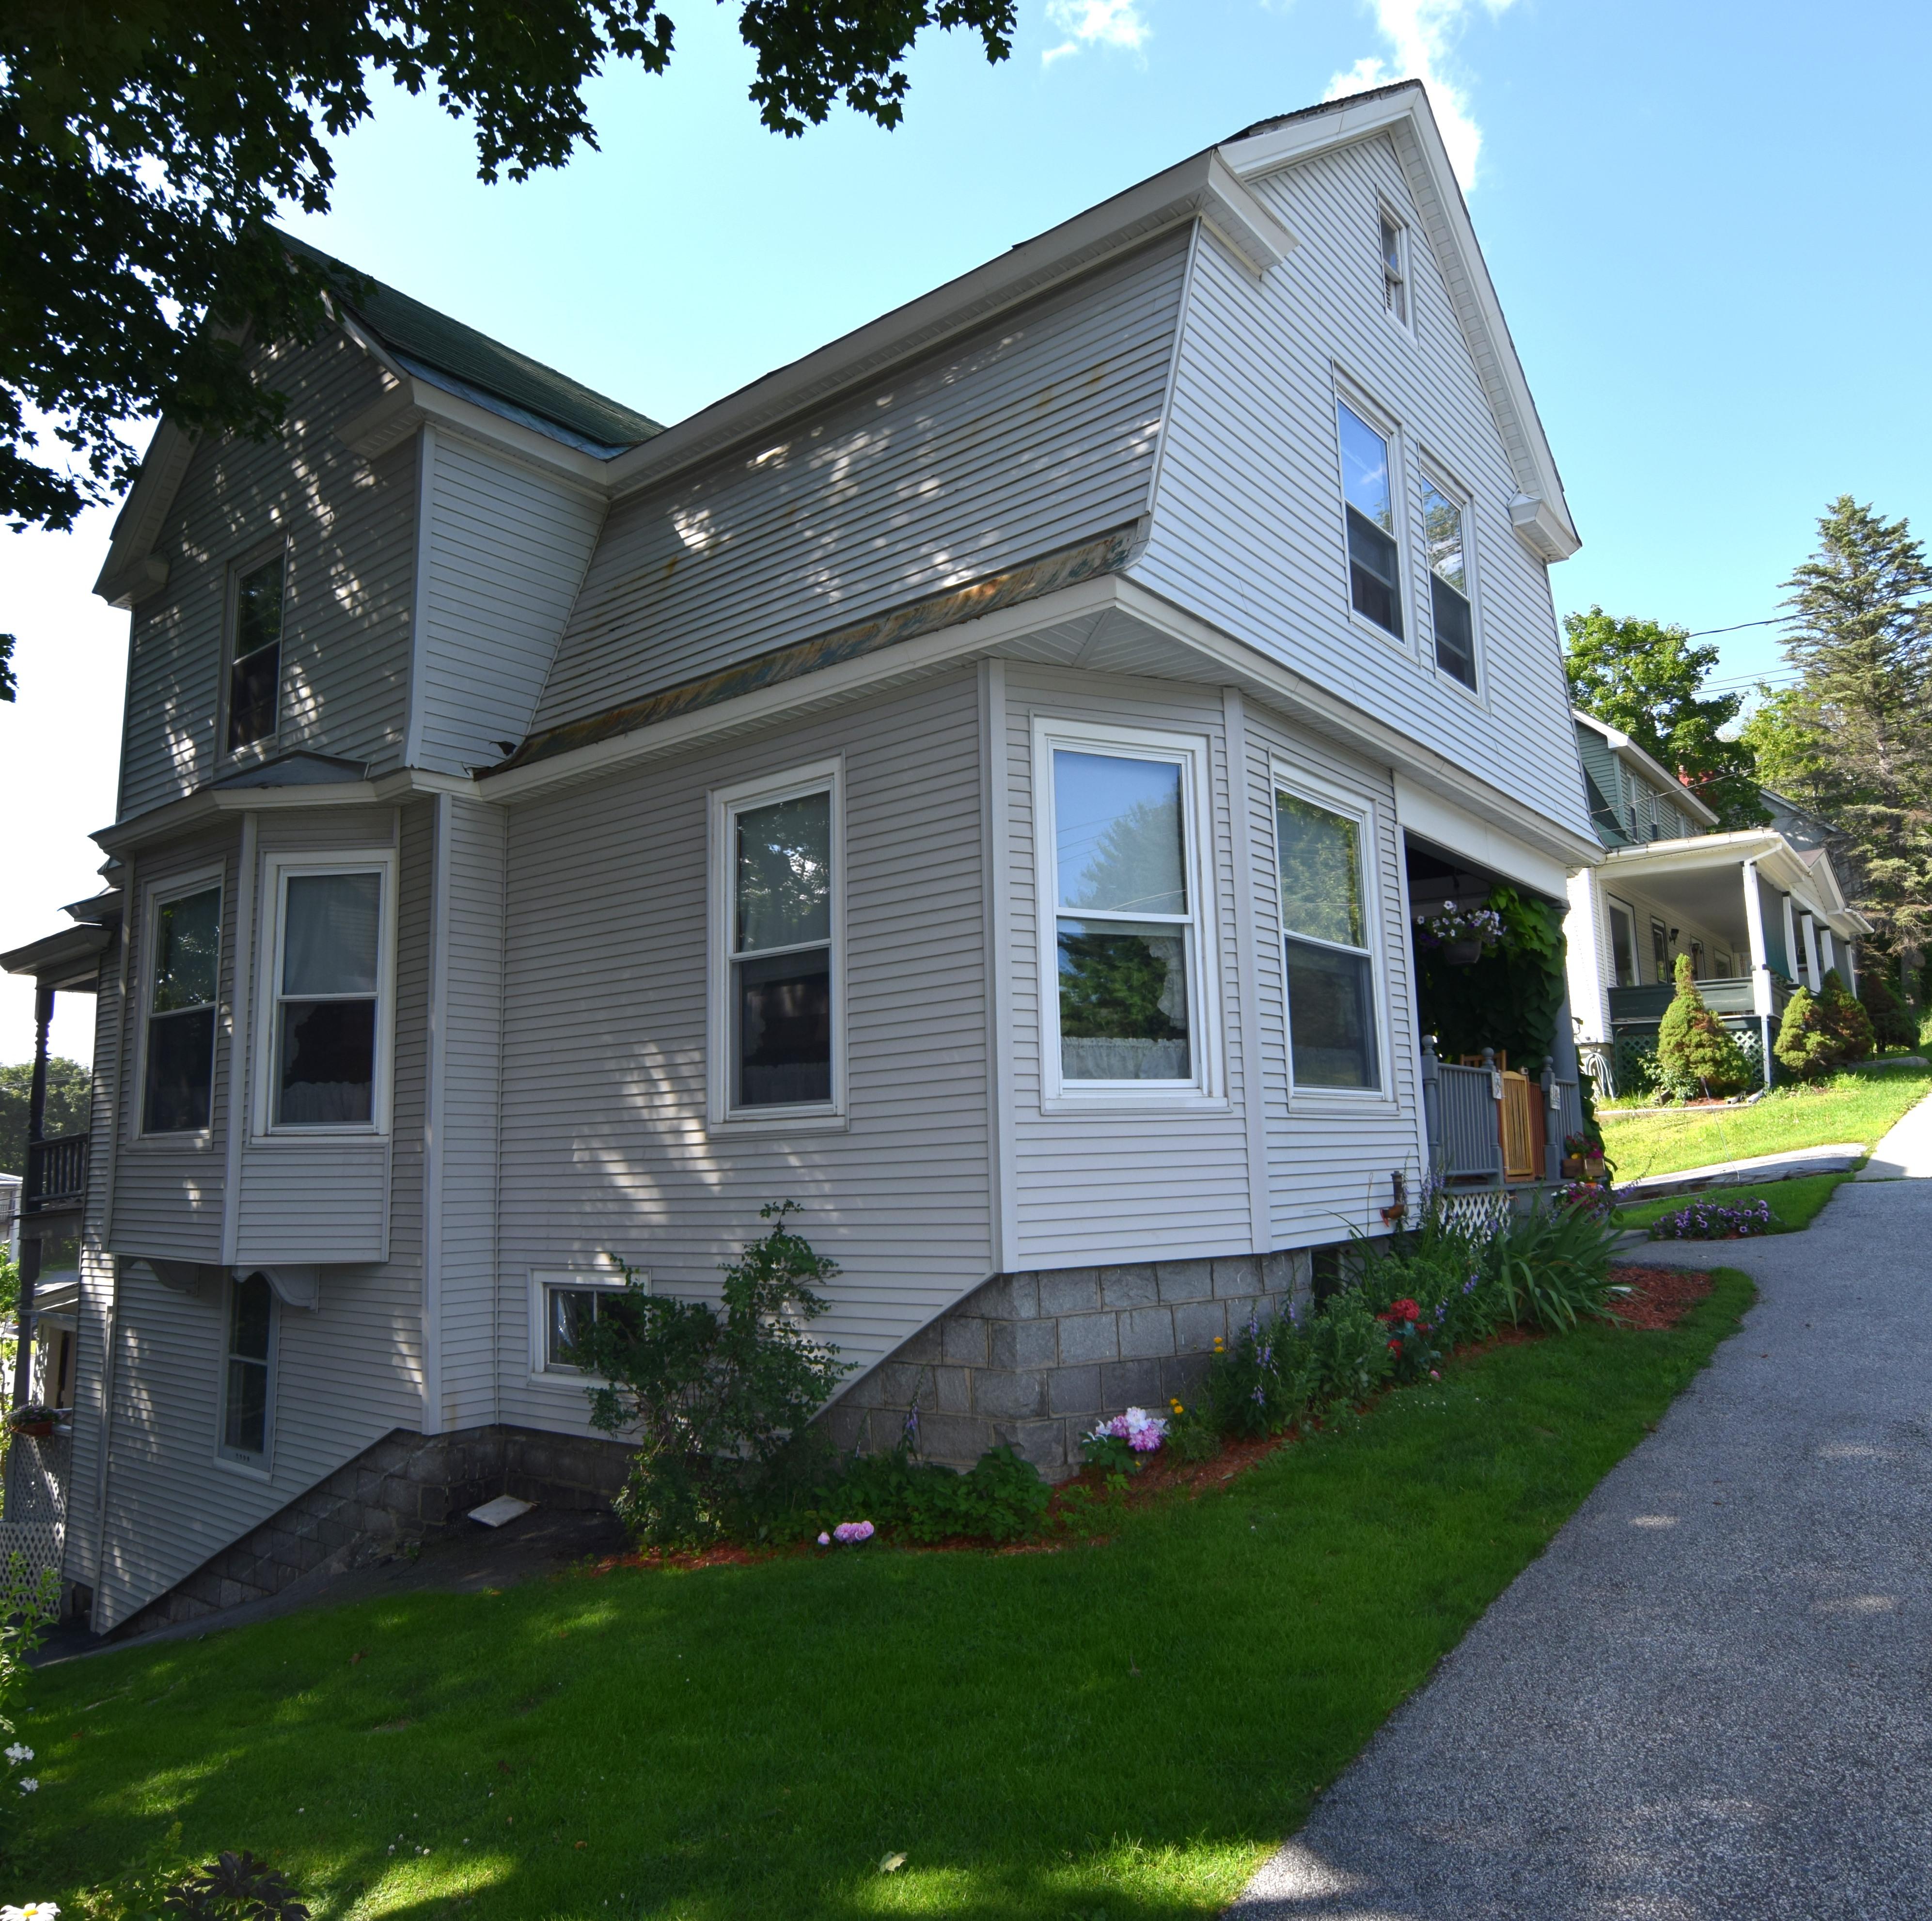 Villa per Vendita alle ore 18 Sheridan Street, Barre City Barre, Vermont 05641 Stati Uniti